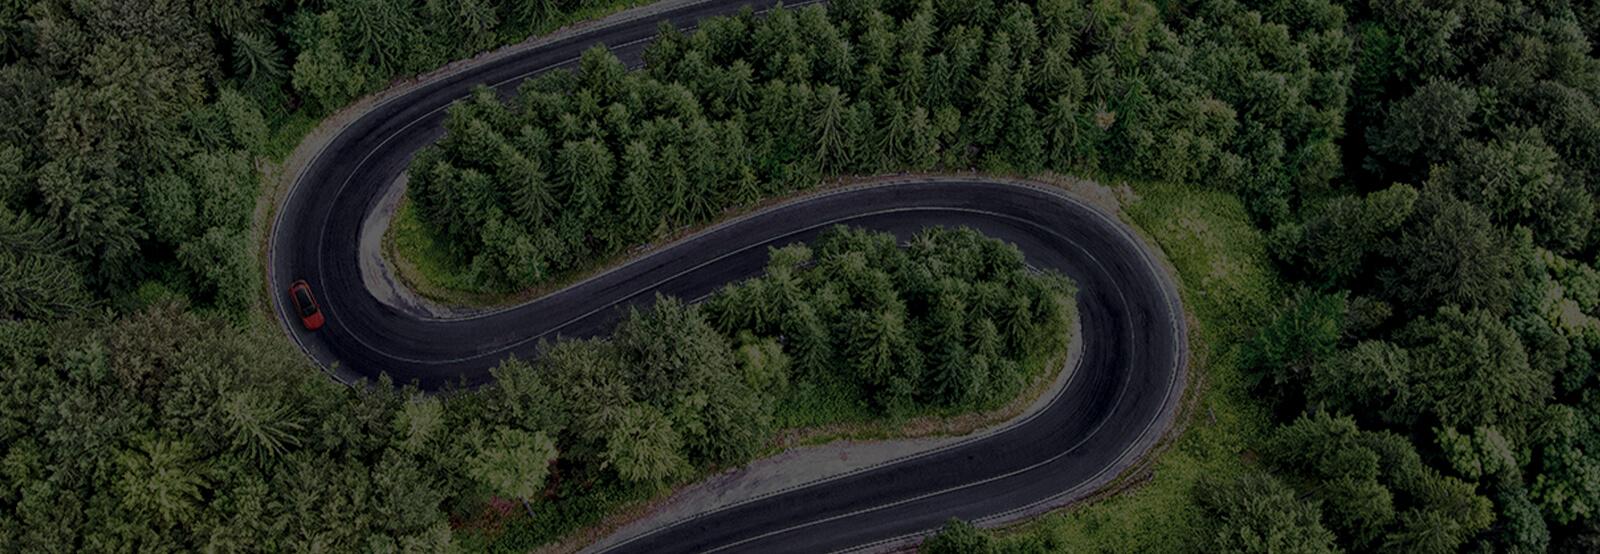 2018 Alfa Romeo Stelvio Winding Road